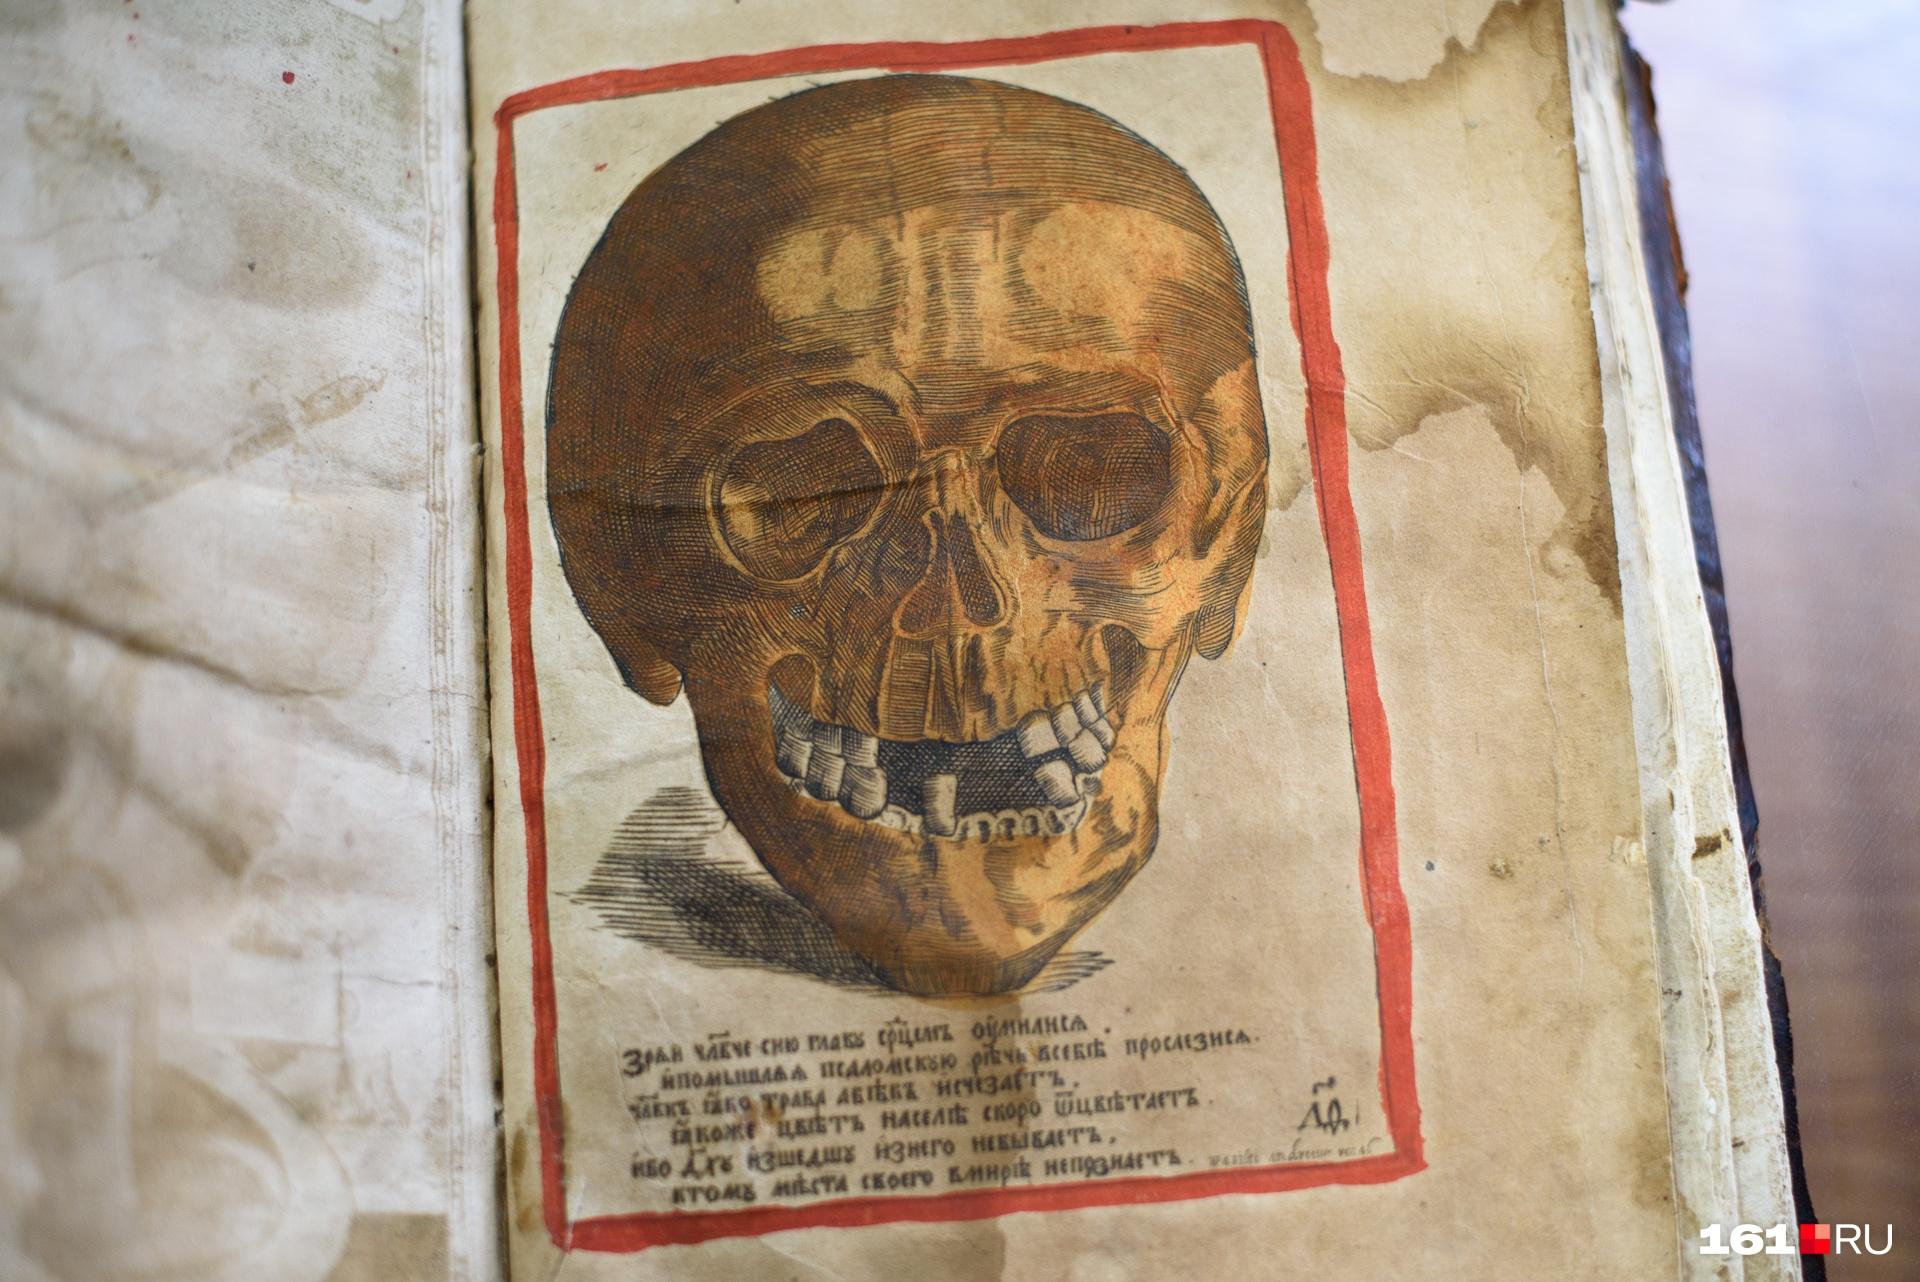 «Голова Адама» завершает серию иллюстраций в книге, дальше — записи об умерших